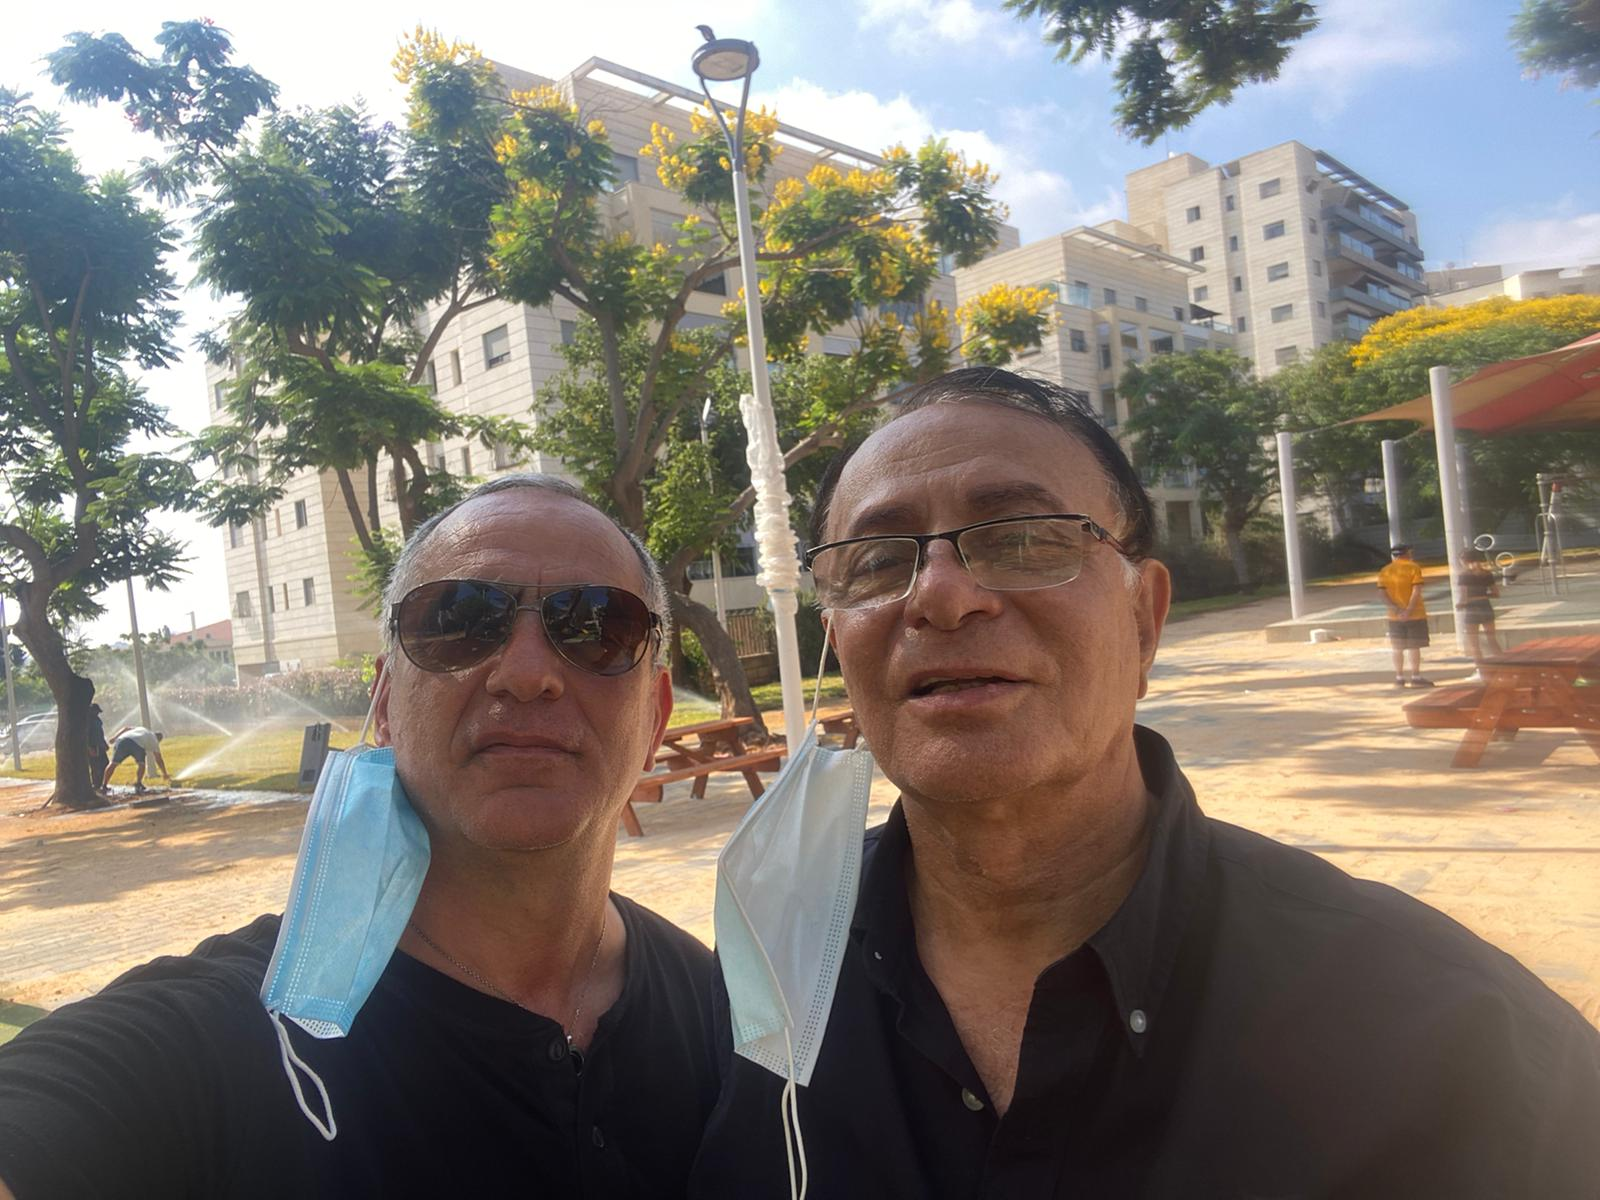 אלי כהן ואיציק דריקס במהלך סיור בגינה הציבורית